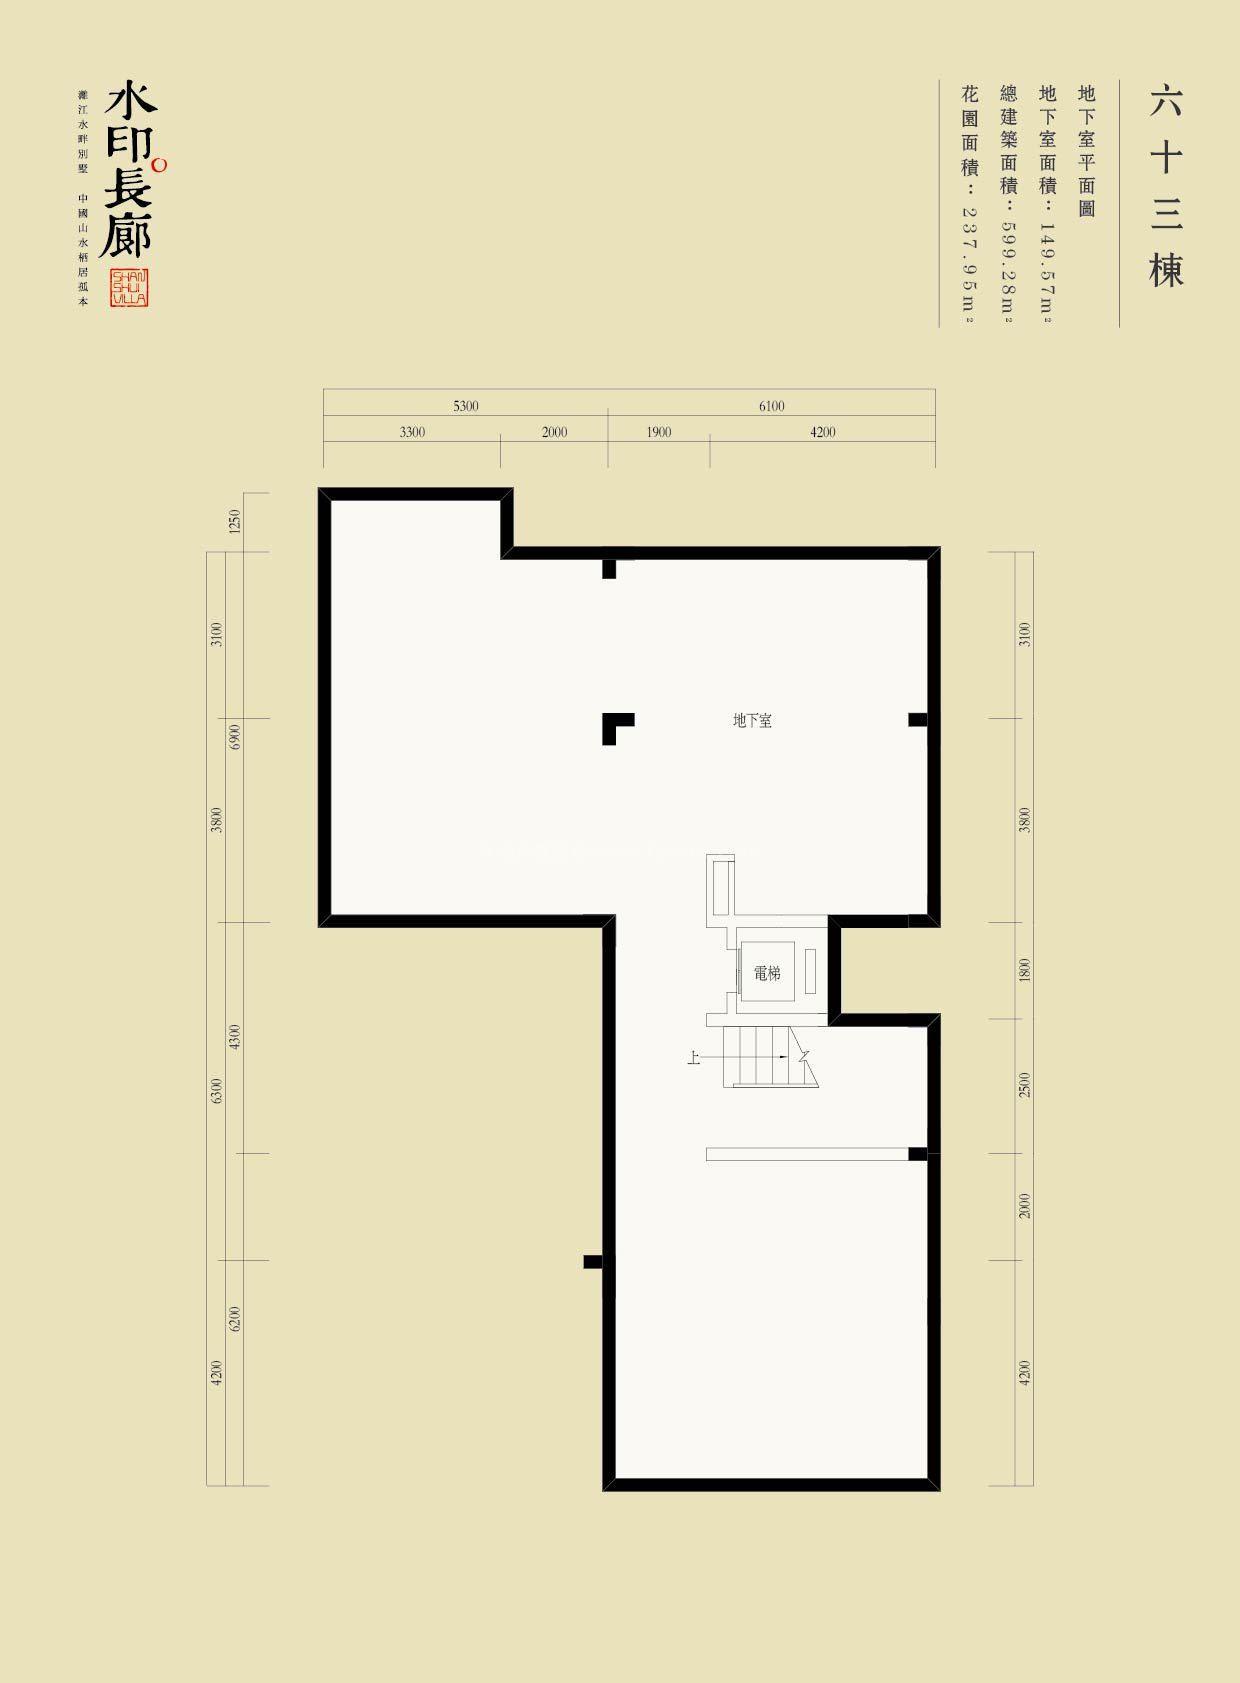 F-63栋别墅户型 地下室